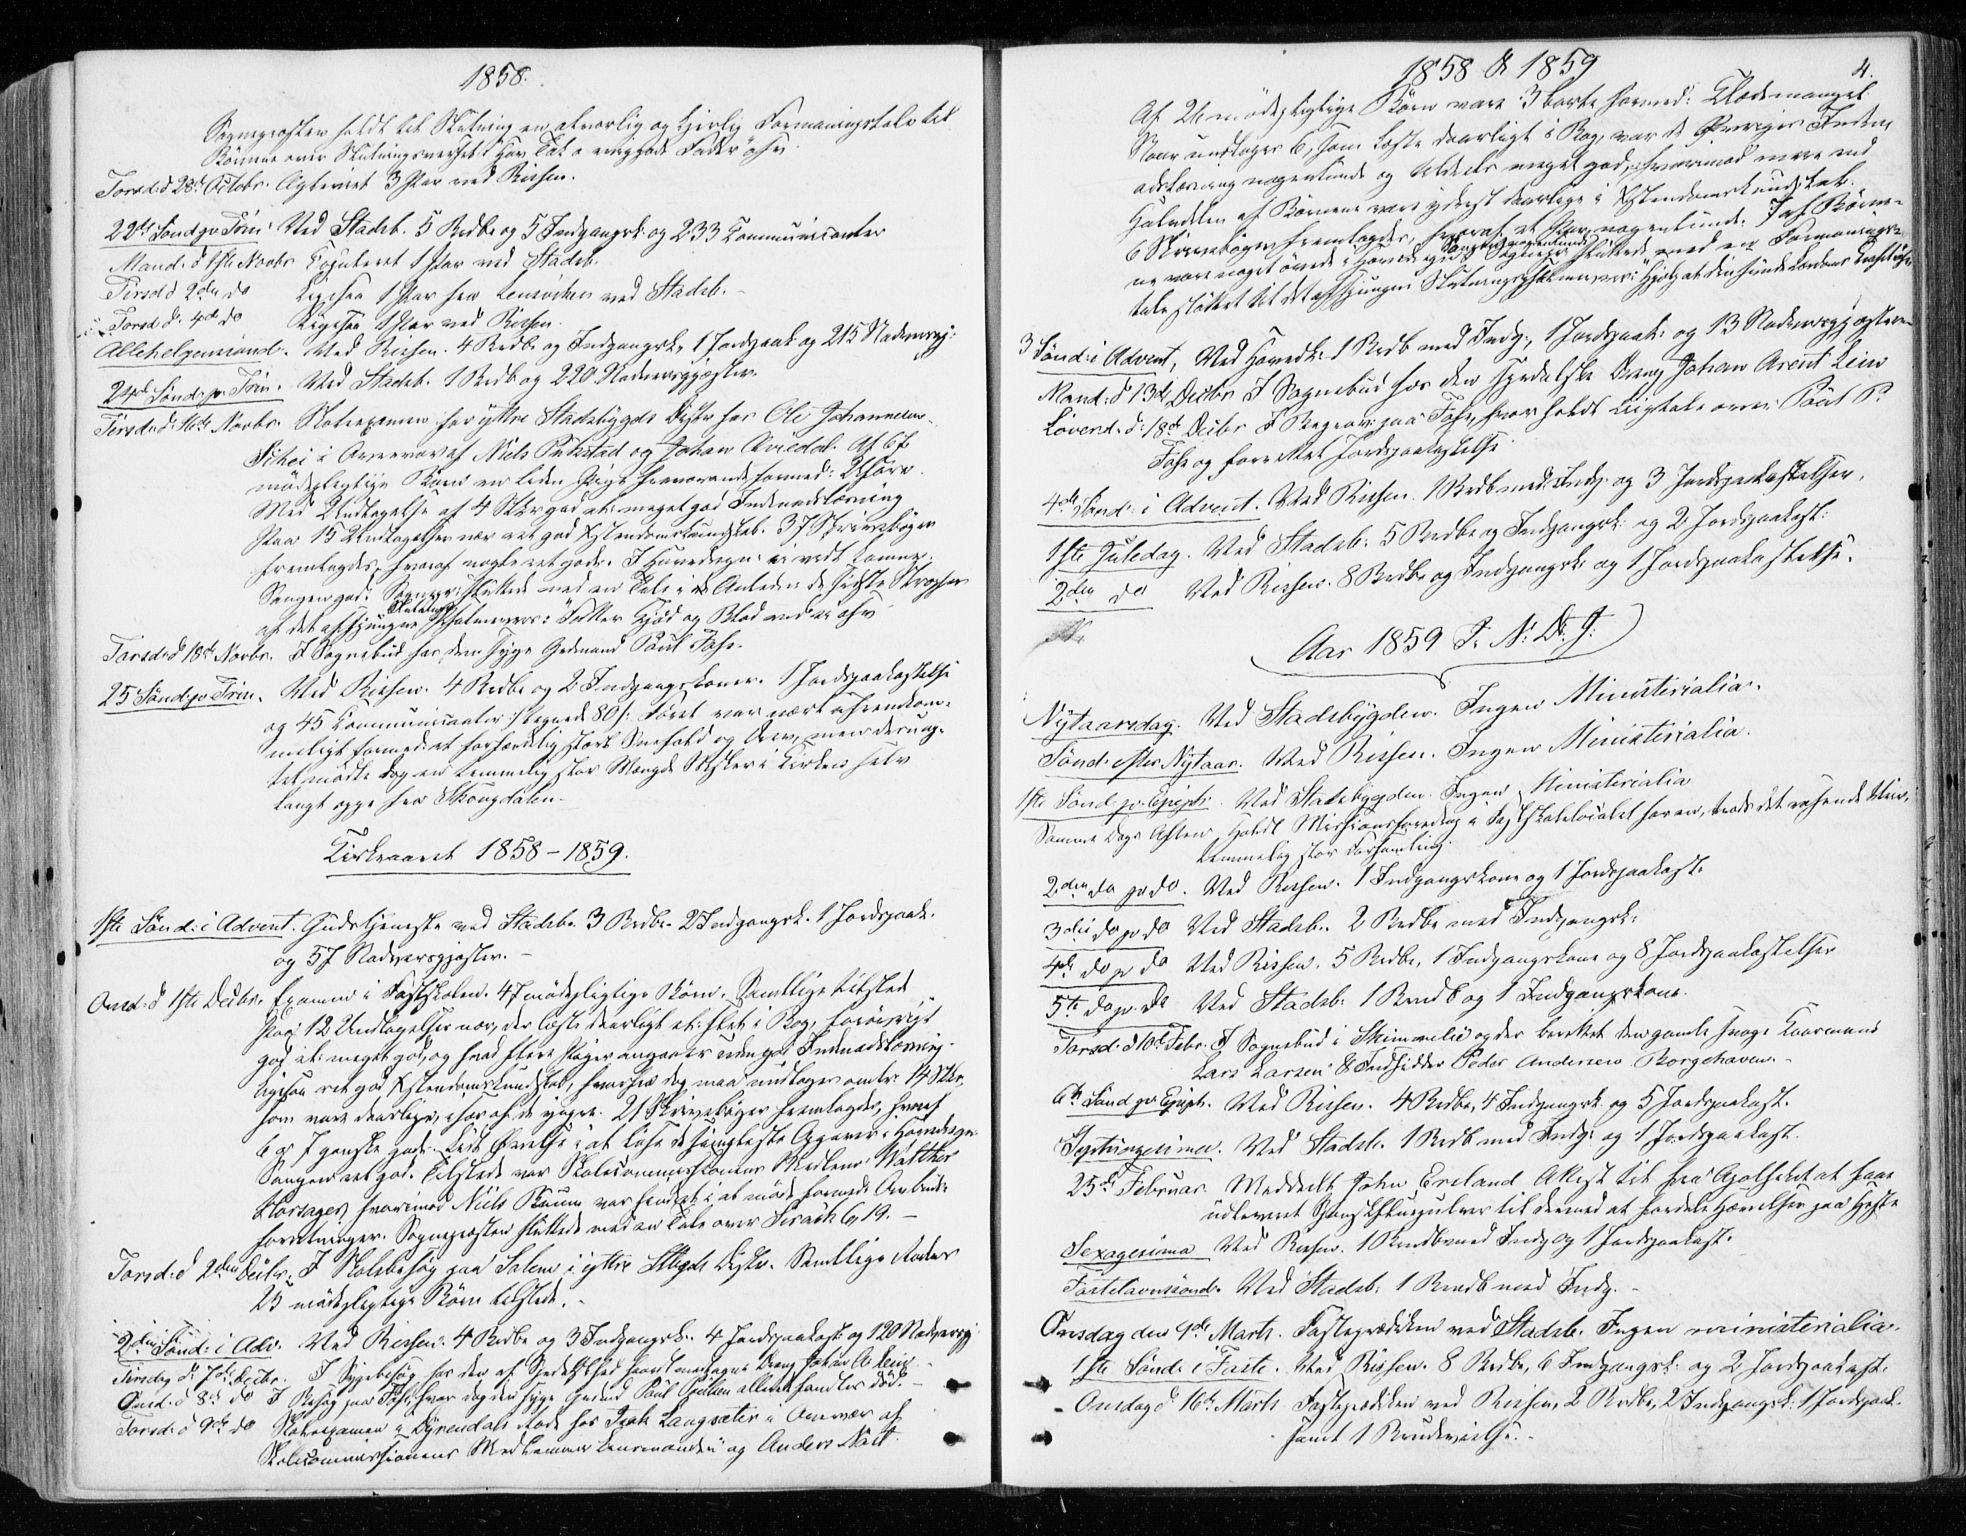 SAT, Ministerialprotokoller, klokkerbøker og fødselsregistre - Sør-Trøndelag, 646/L0612: Ministerialbok nr. 646A10, 1858-1869, s. 4